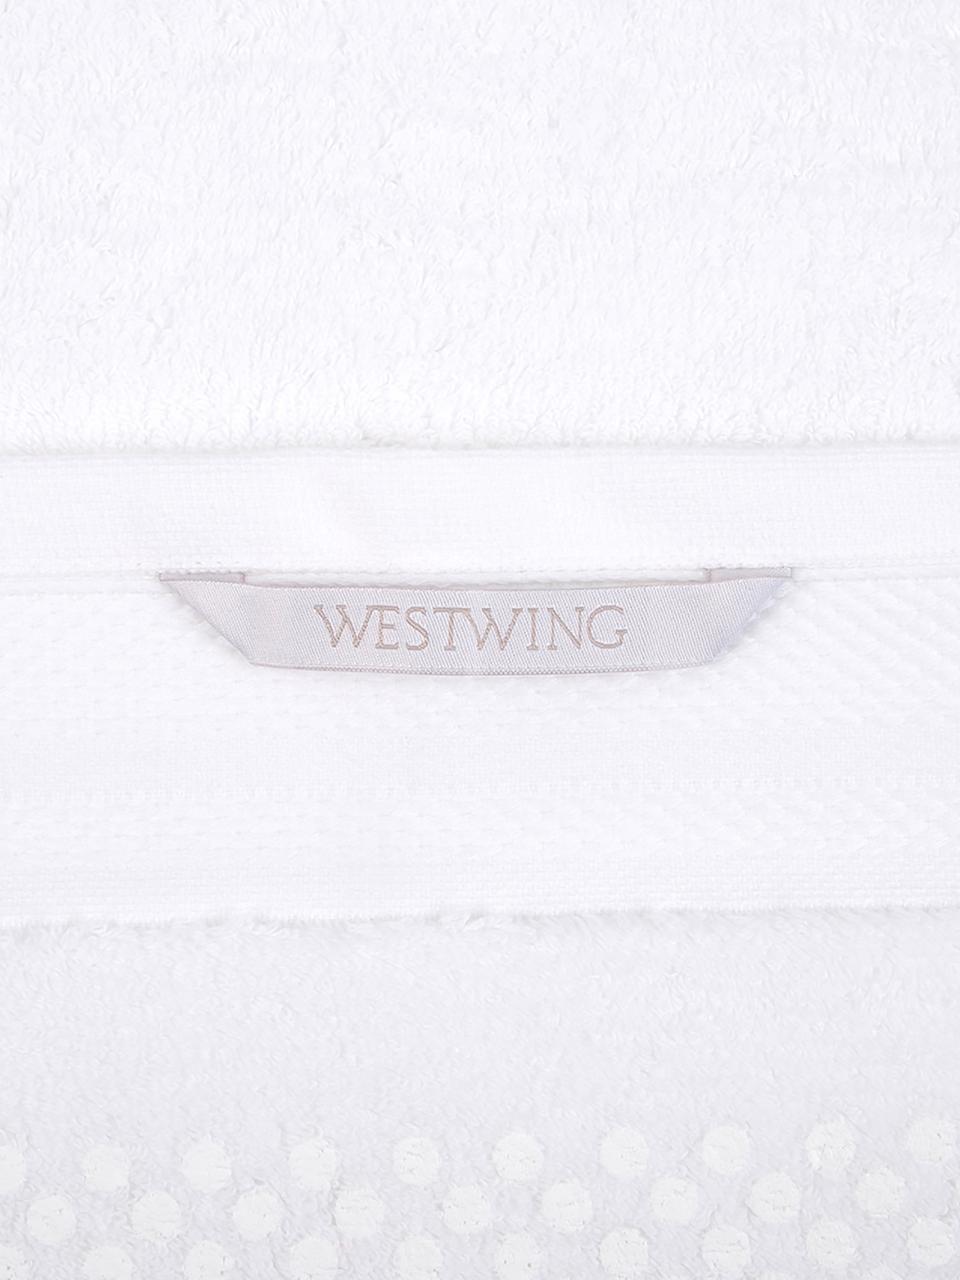 Badematte Premium, rutschfest, 100% Baumwolle, schwere Qualität 600 g/m², Weiß, 50 x 70 cm